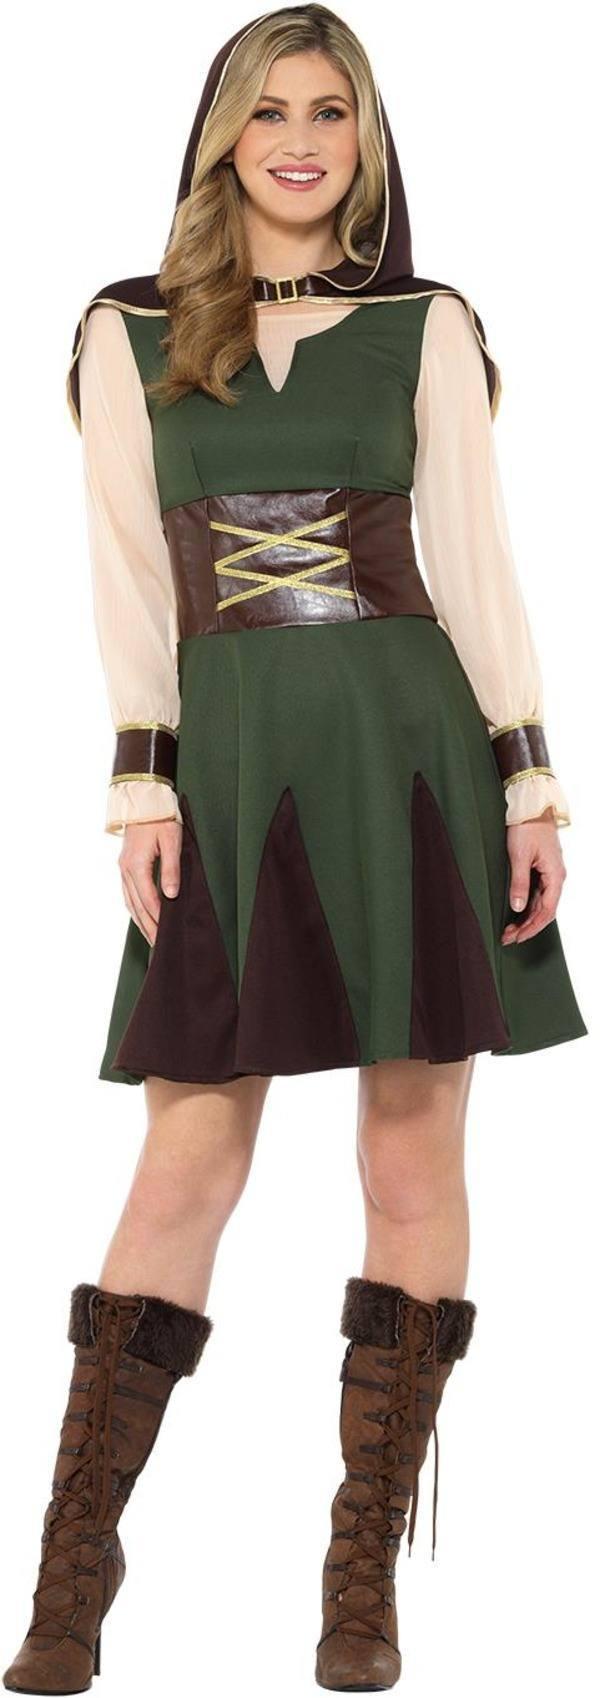 Zöld-Barna Robin Hood Jelmez Nőknek Ruhával és Kis Kapucnis Kabáttal - XL